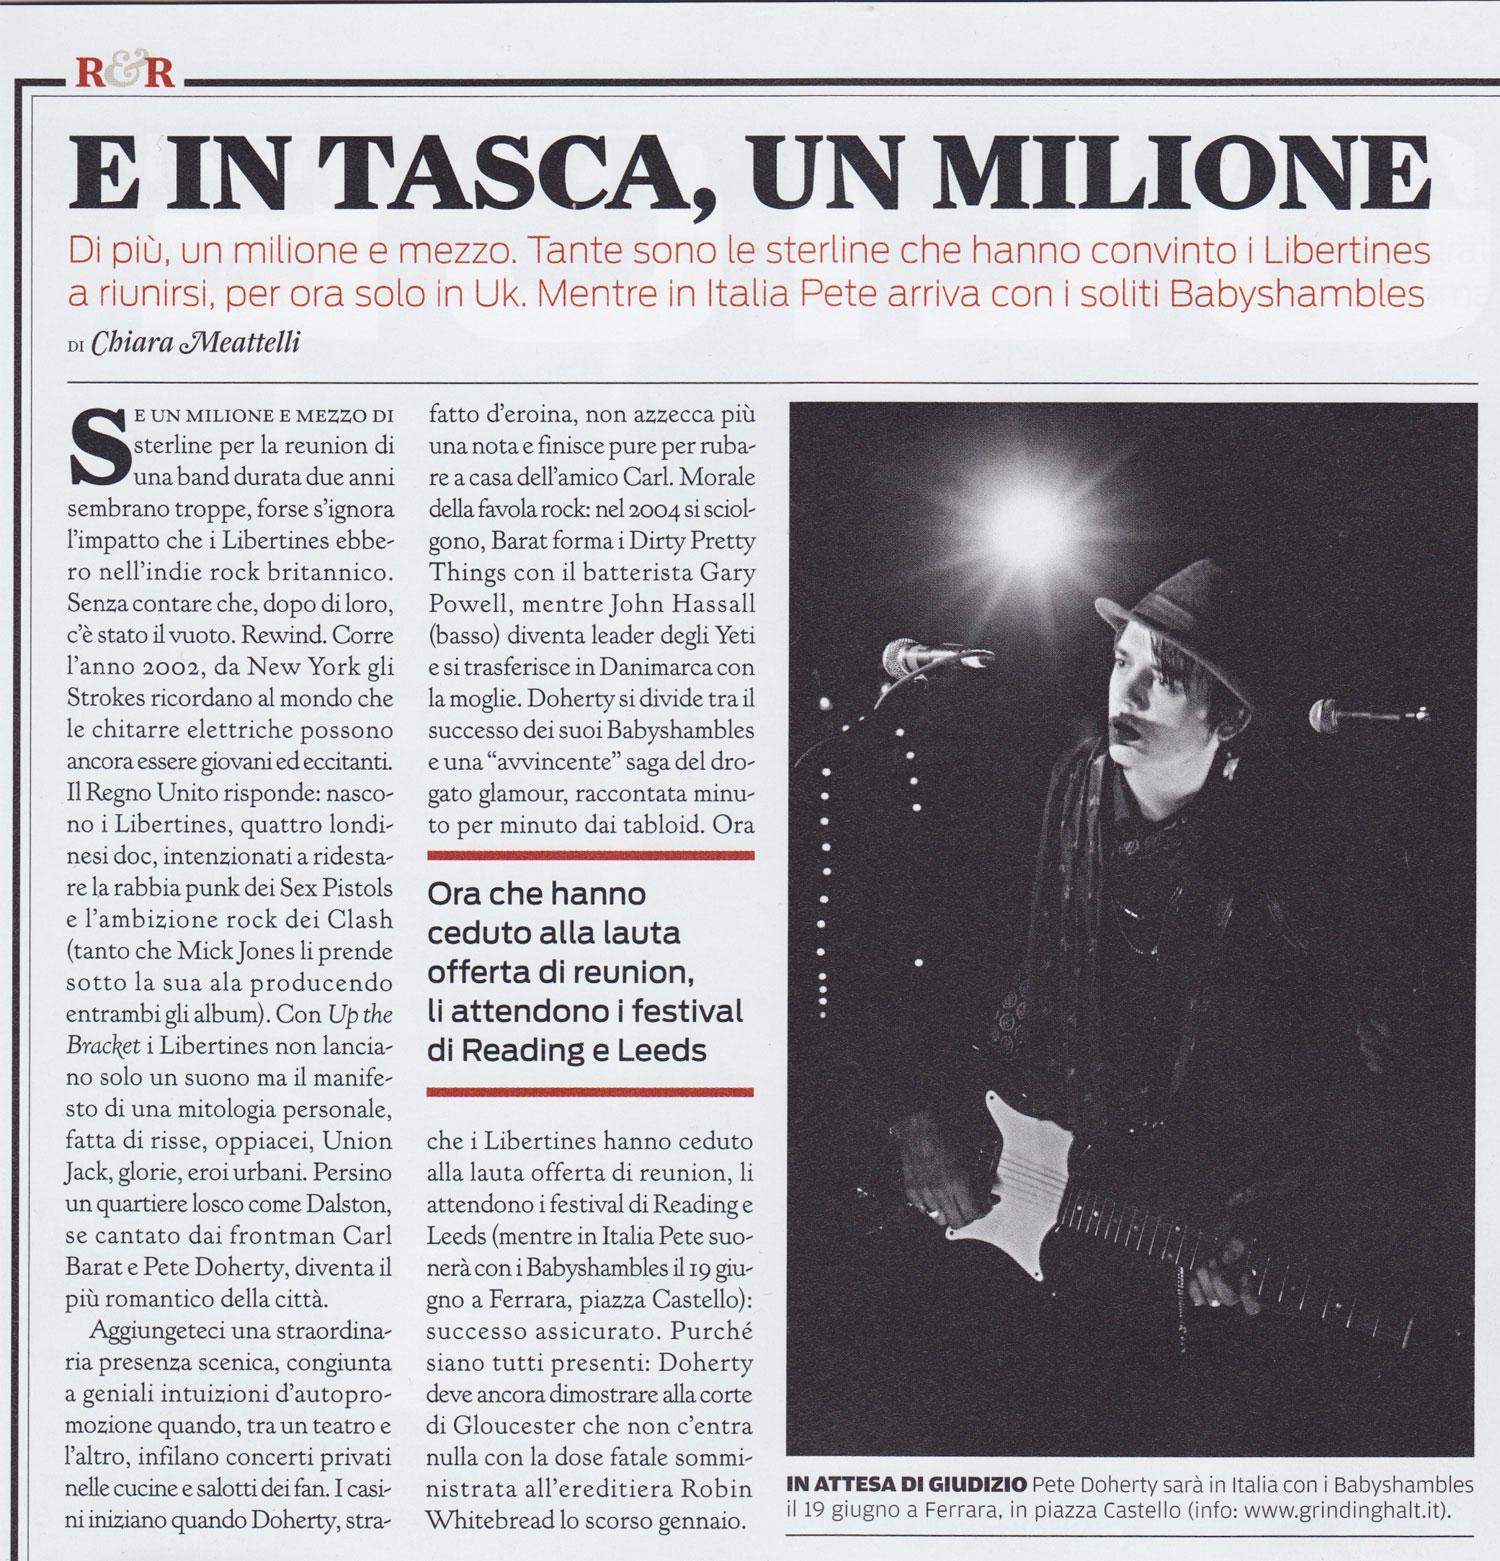 Rolling Stone magazine: Libertines reunion